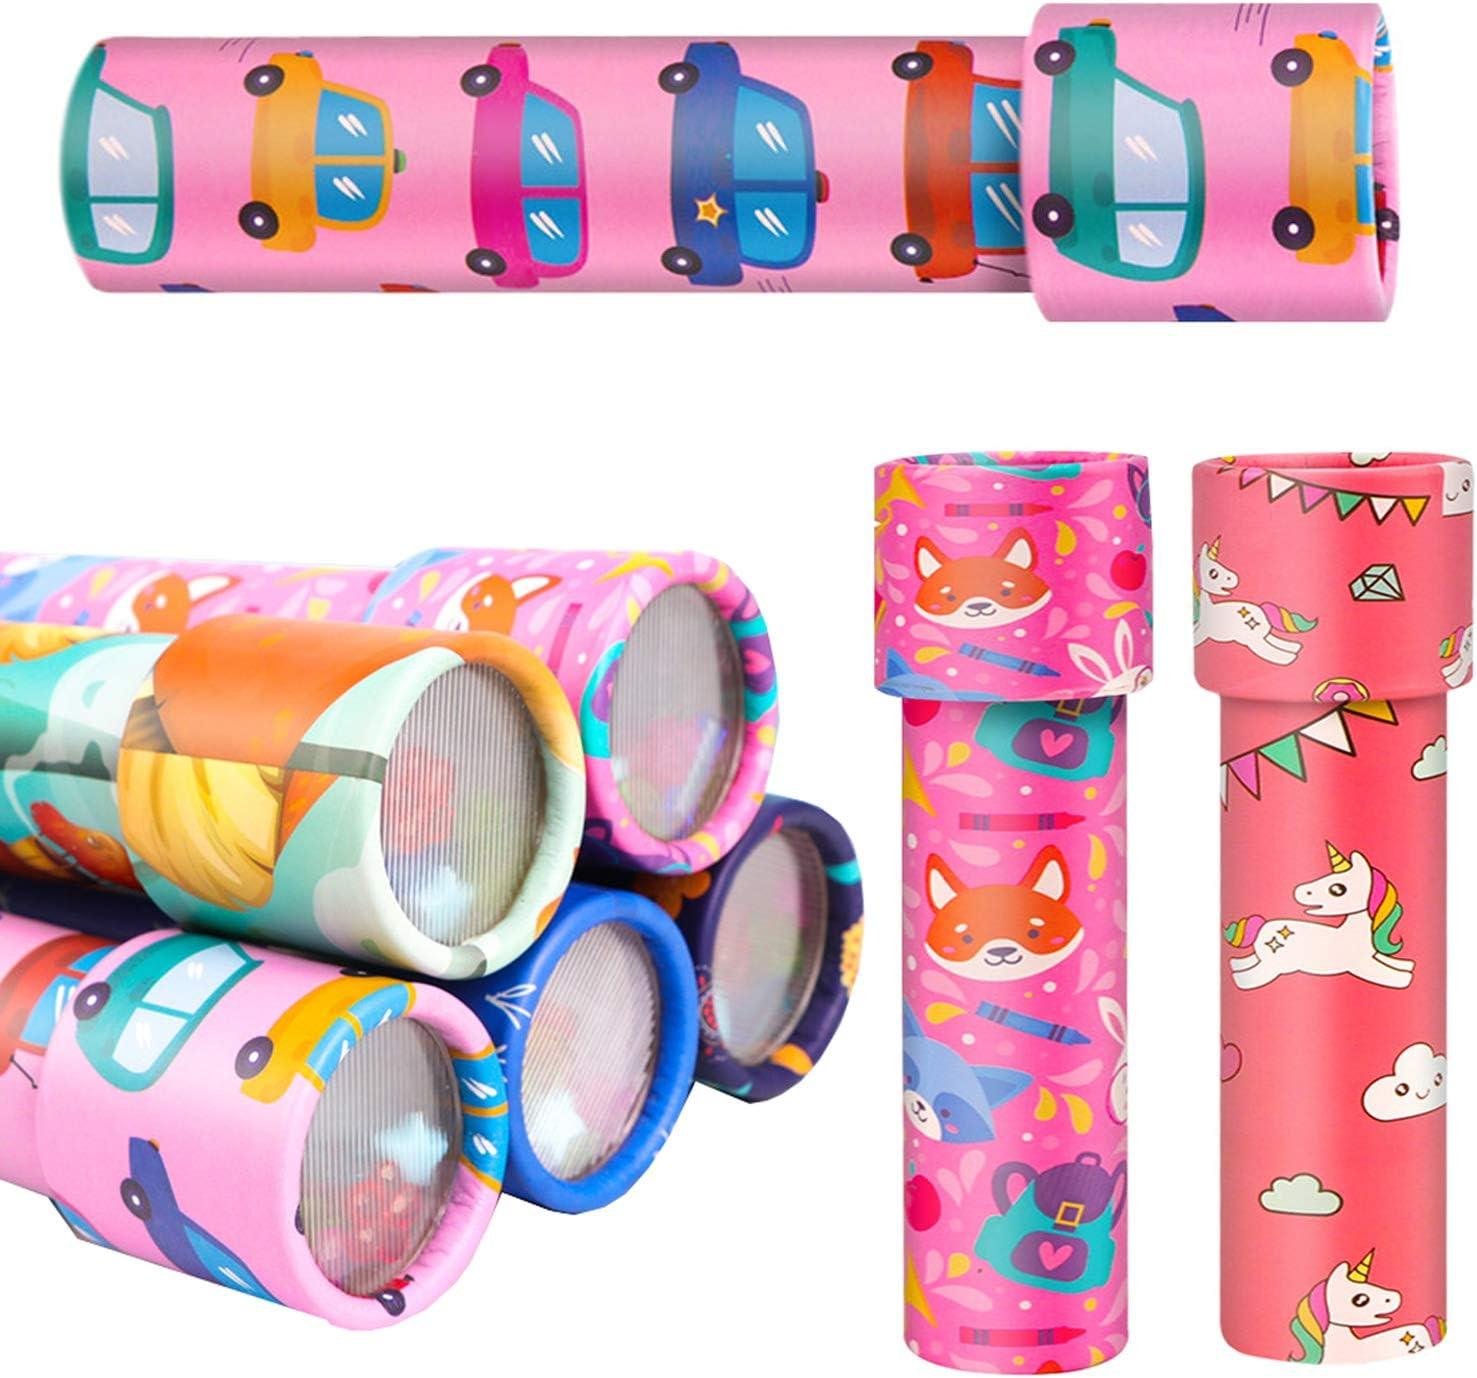 liuer Caleidoscopio, 8PCS Caleidoscopio Juguetes de Papel Clásico Rotativo Caleidoscopios para Favores de Fiesta y Cumpleaños Infantiles (Aleatorio Color Patrón)